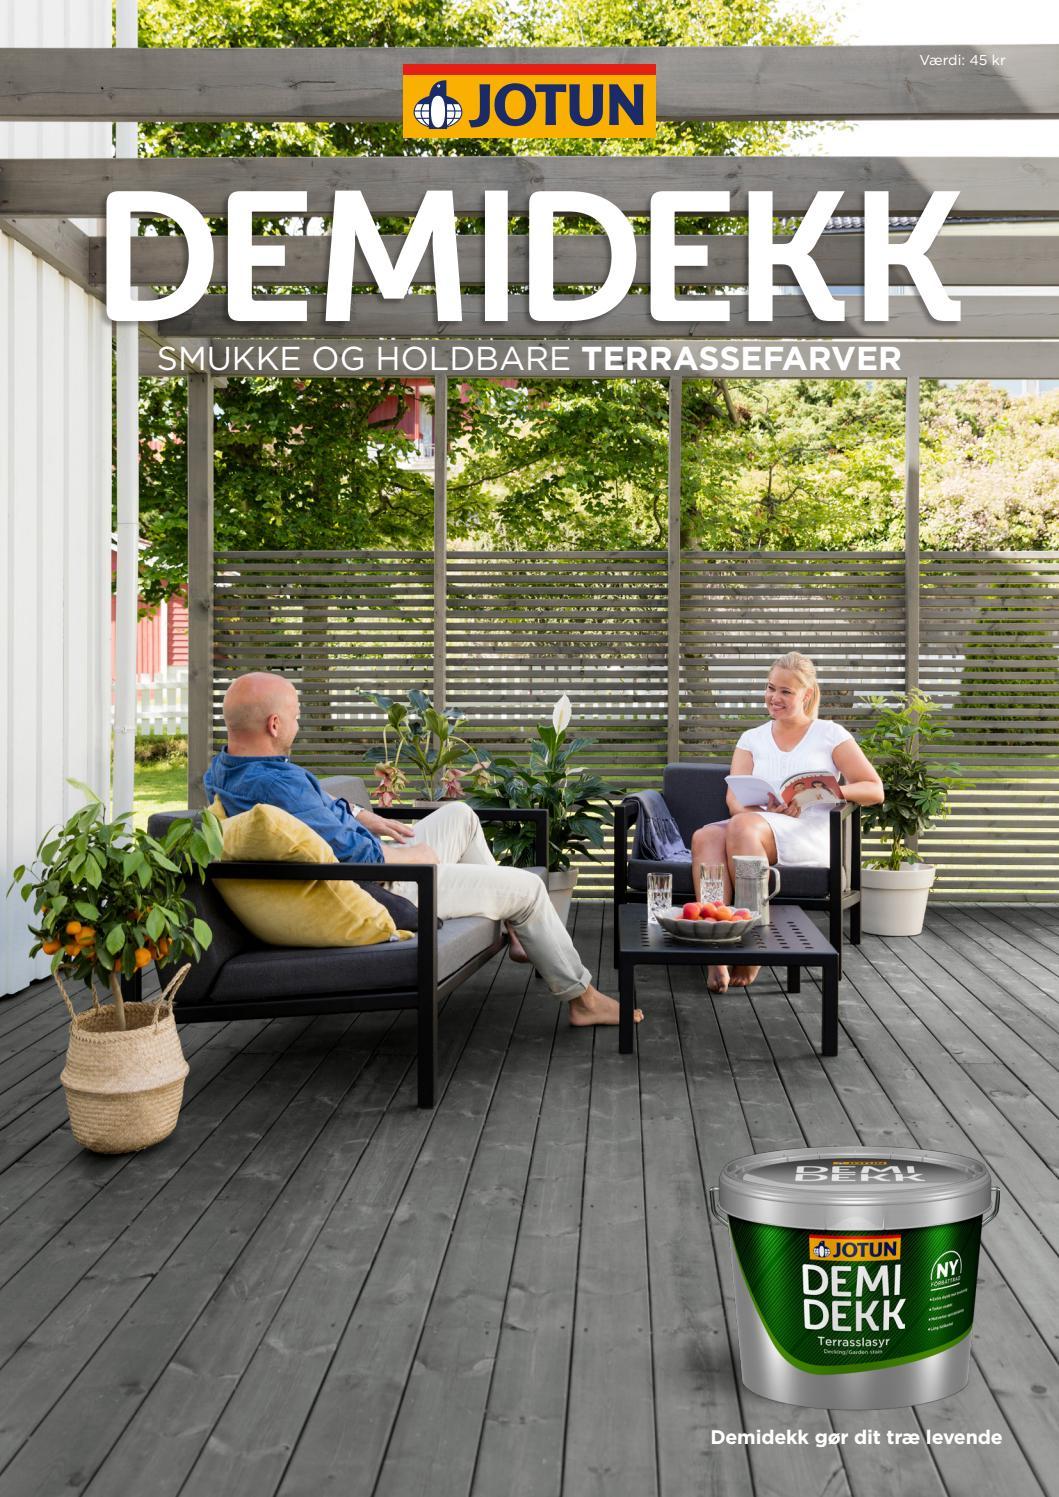 Picture of: Demidekk Terrasseolie 2017 By Jotun Danmark Issuu